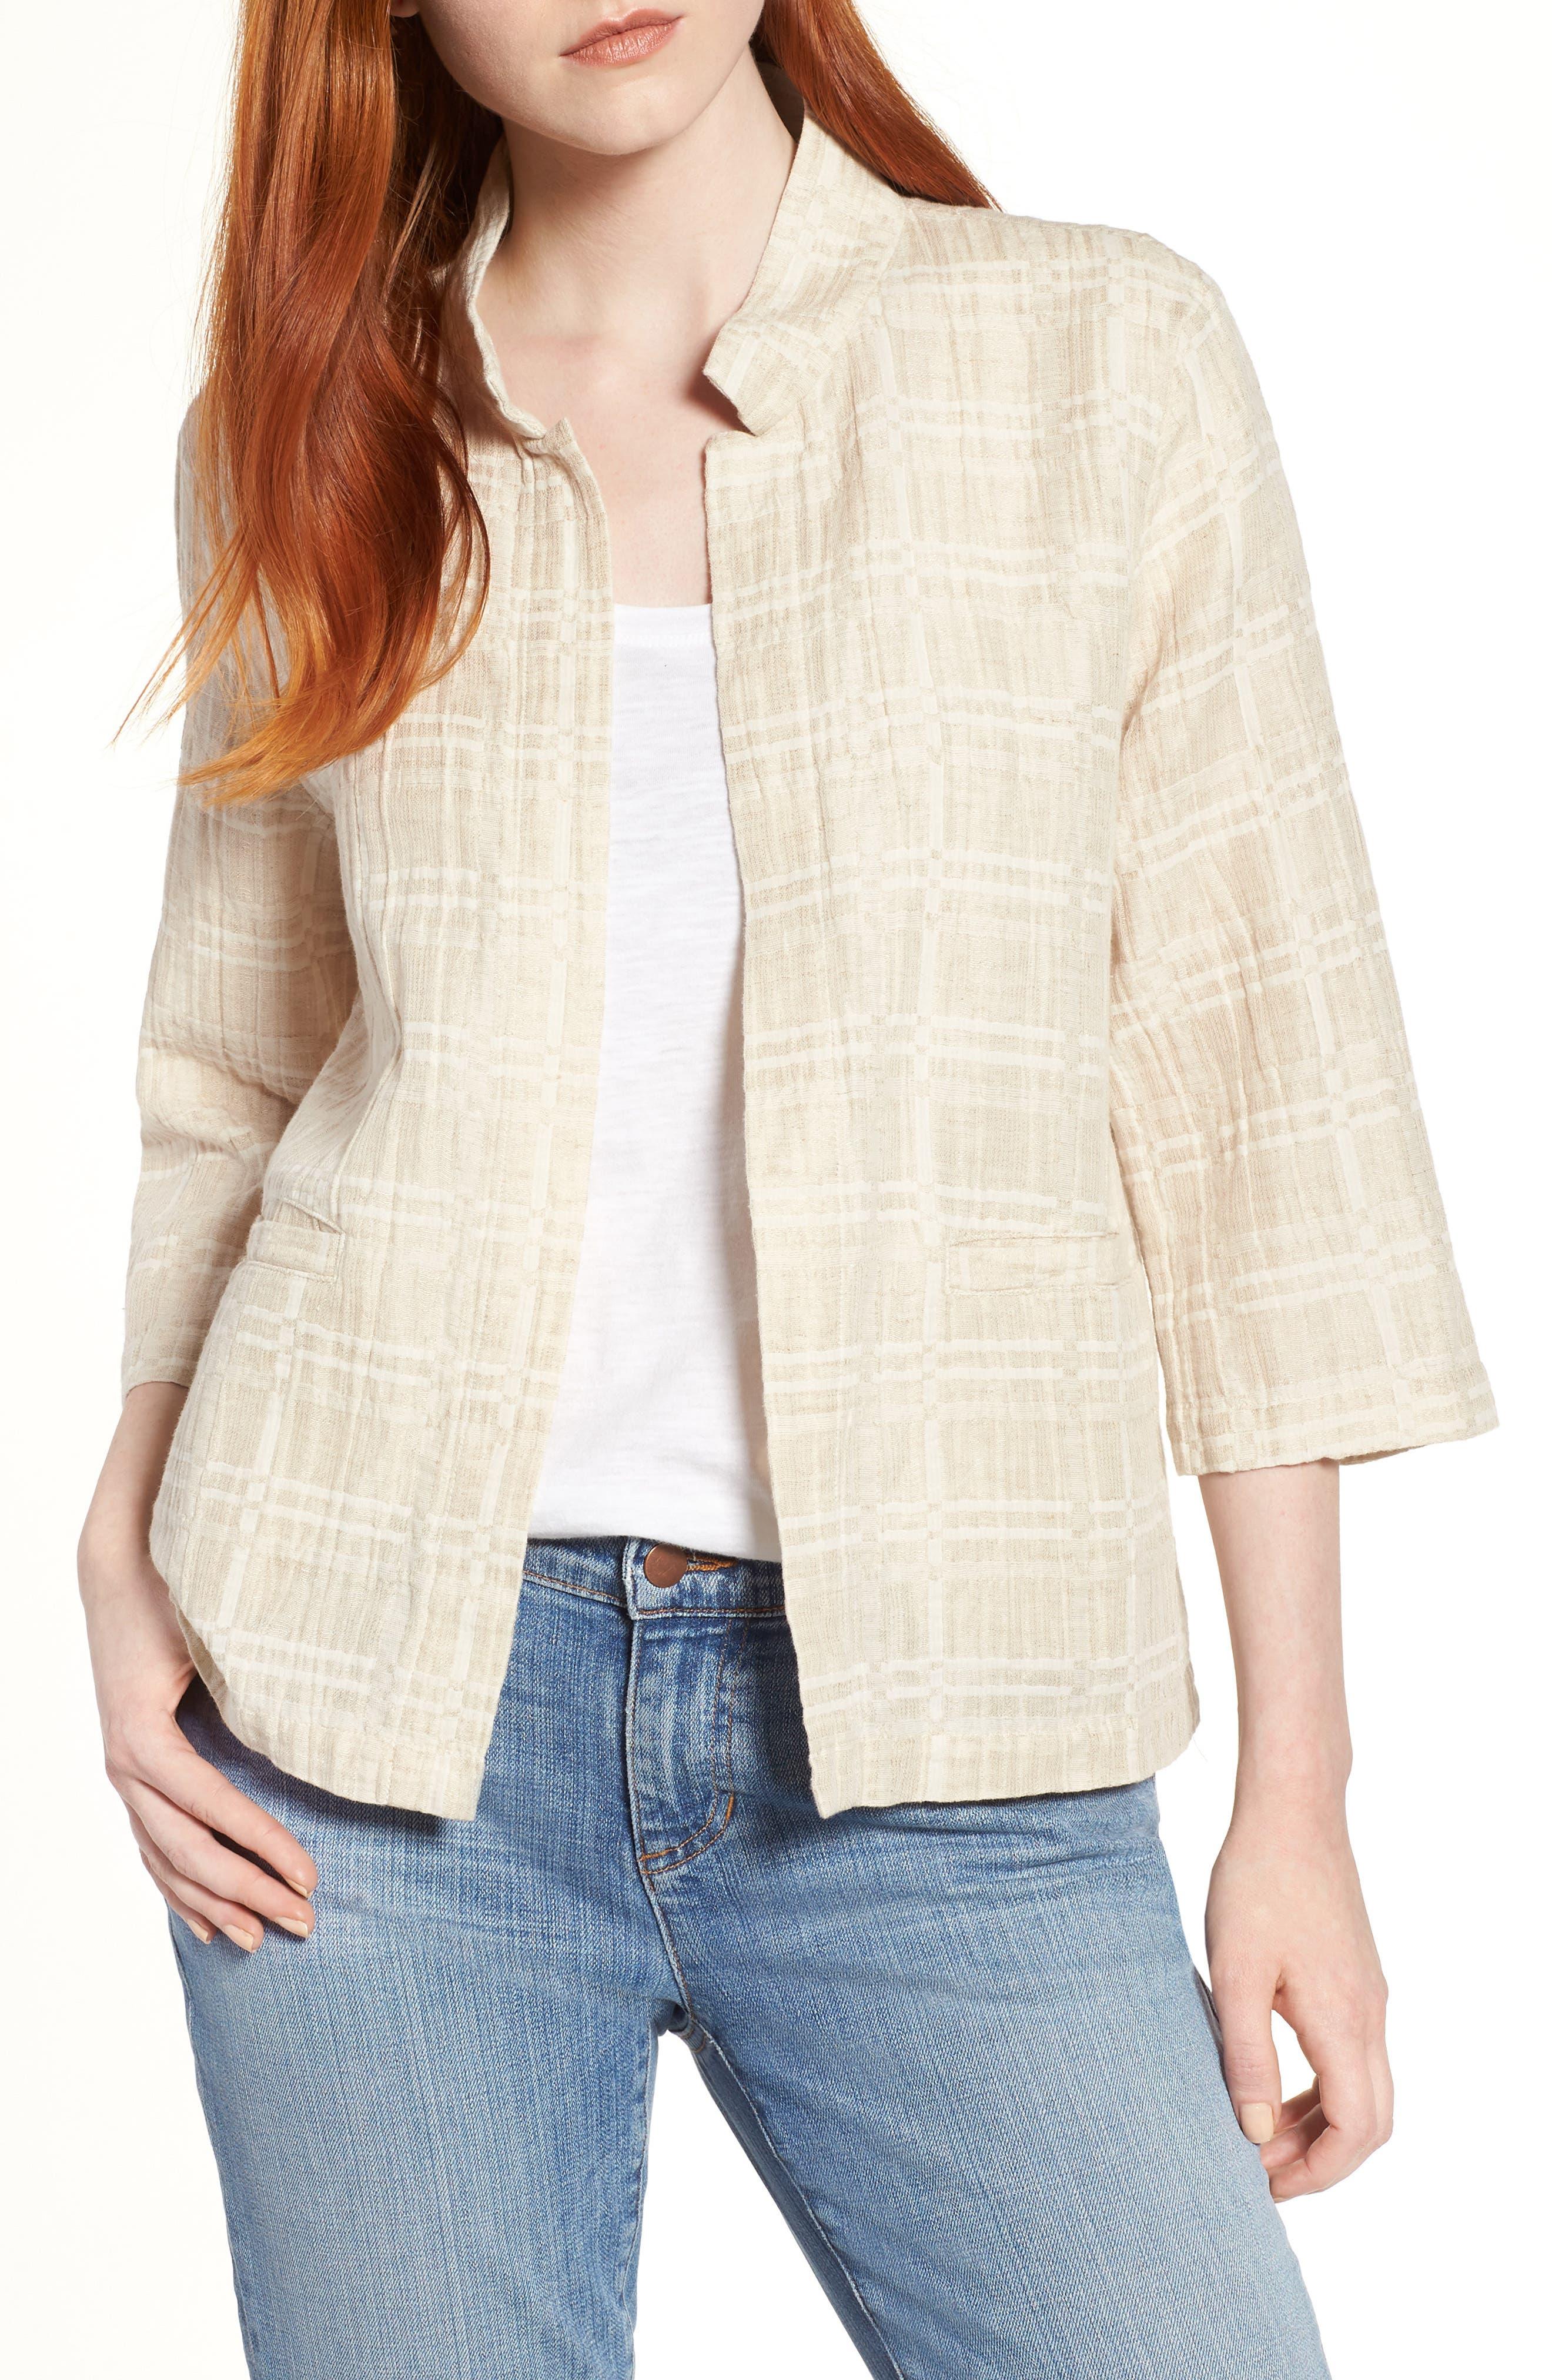 Eileen Fisher Check Organic Cotton & Linen Jacket (Regular & Petite)